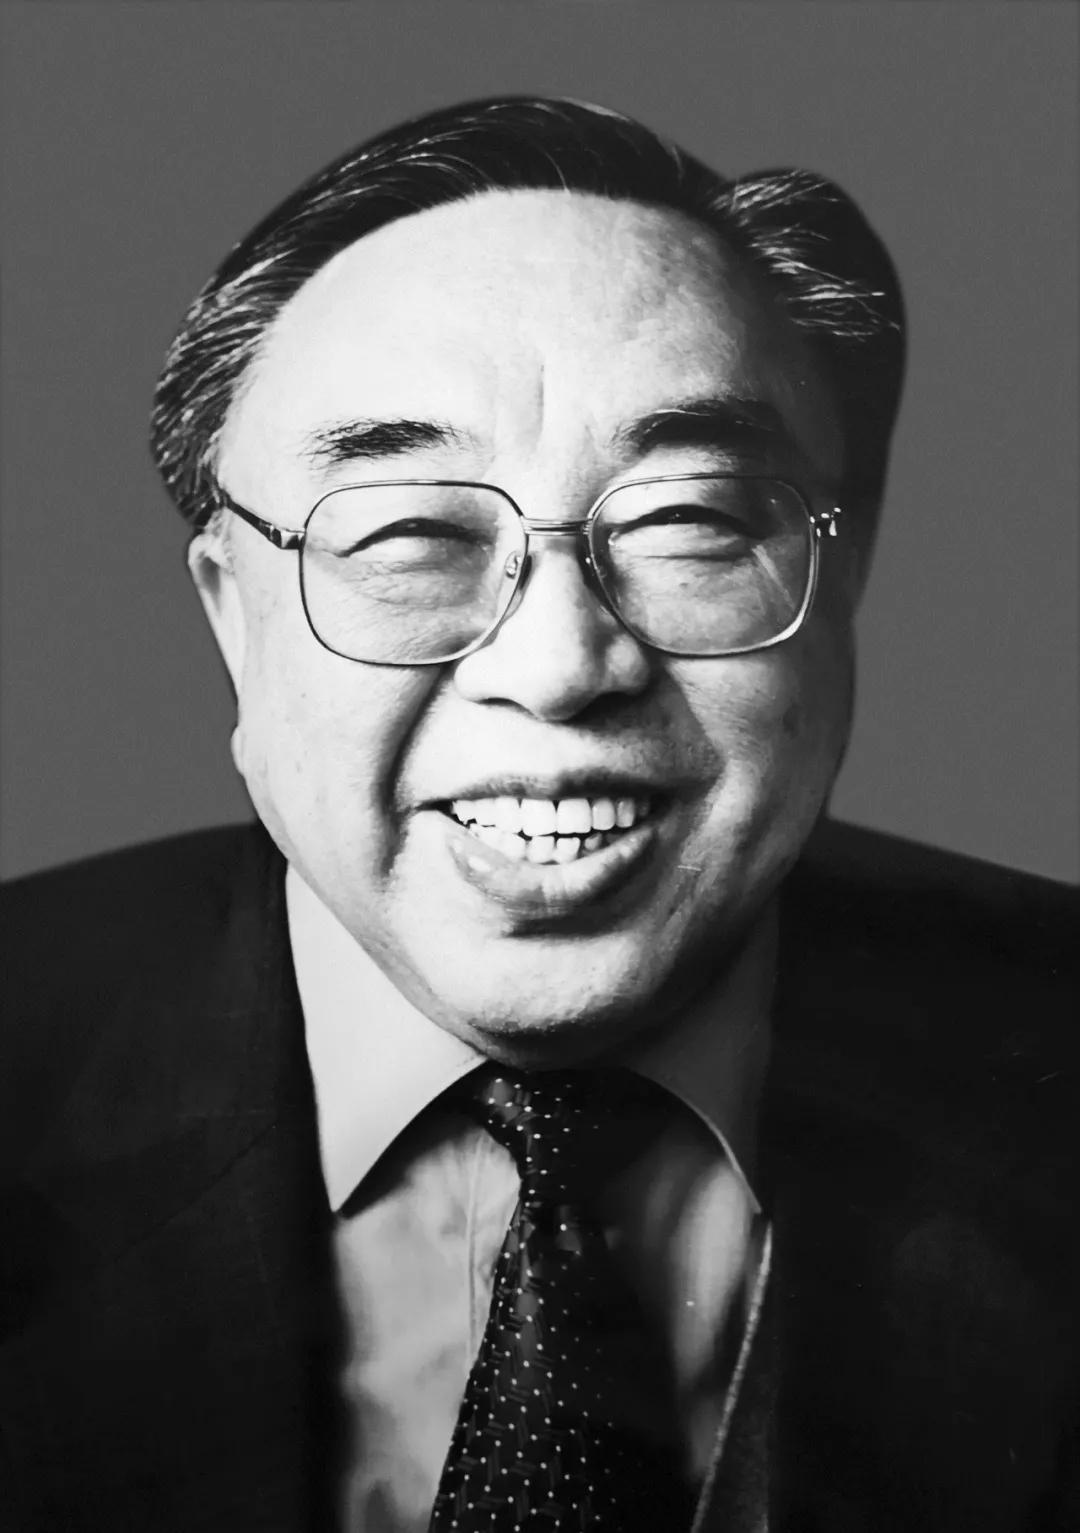 首届国医大师张琪教授逝世 享年98岁|张琪